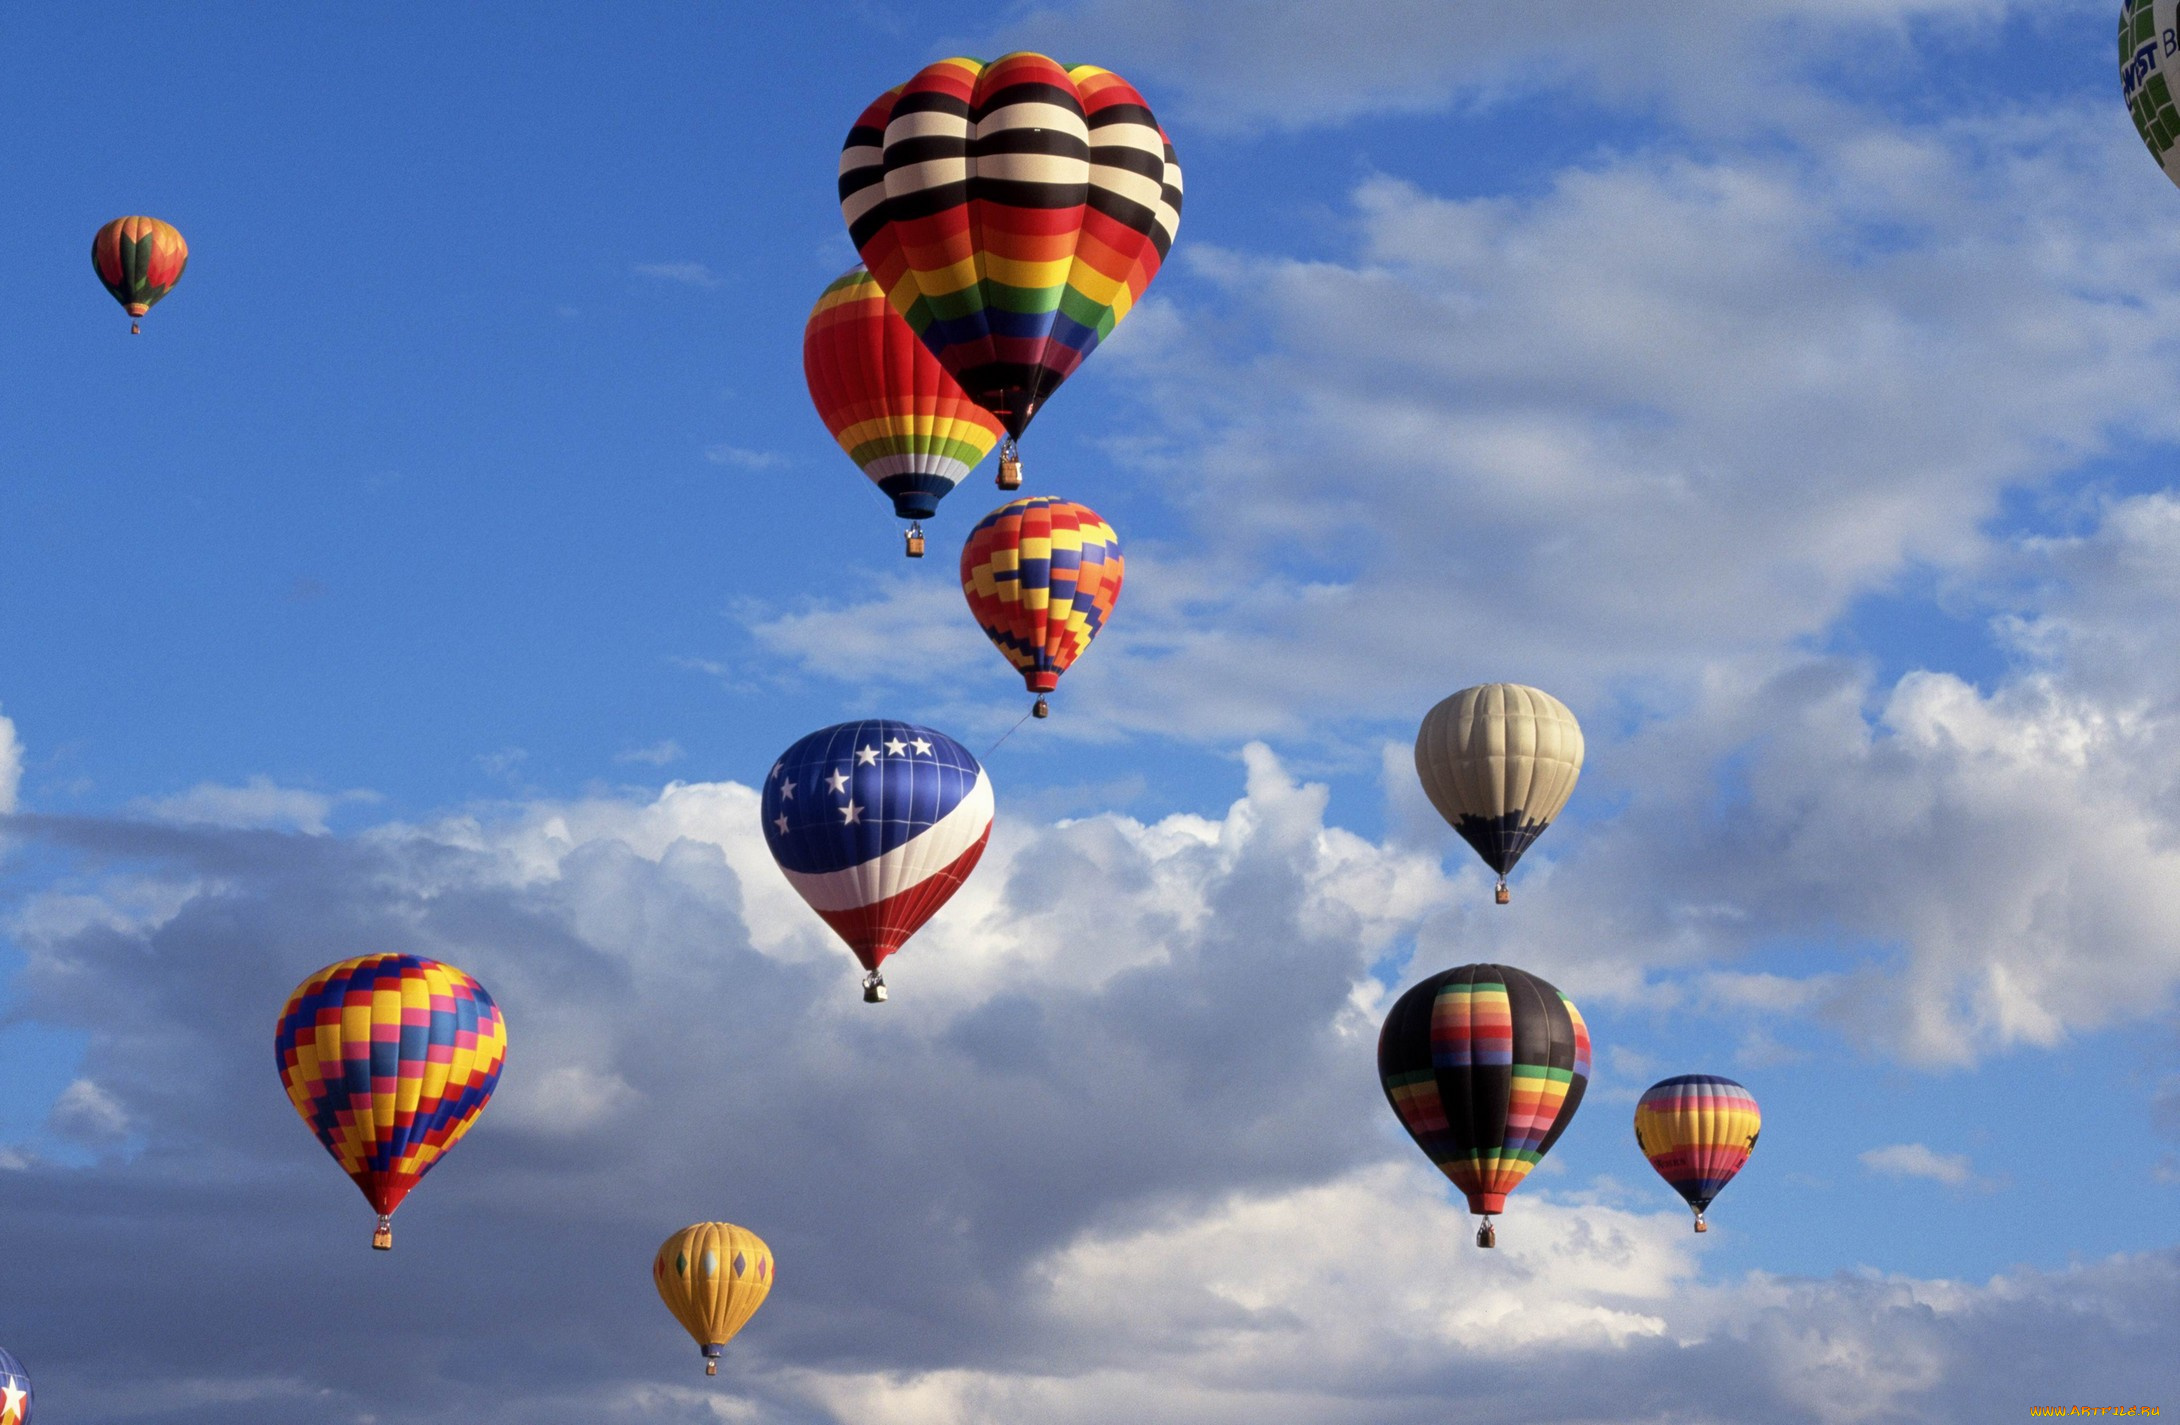 Обои воздушные шары, Облака, аэростаты, Монгольфьеры. Авиация foto 15